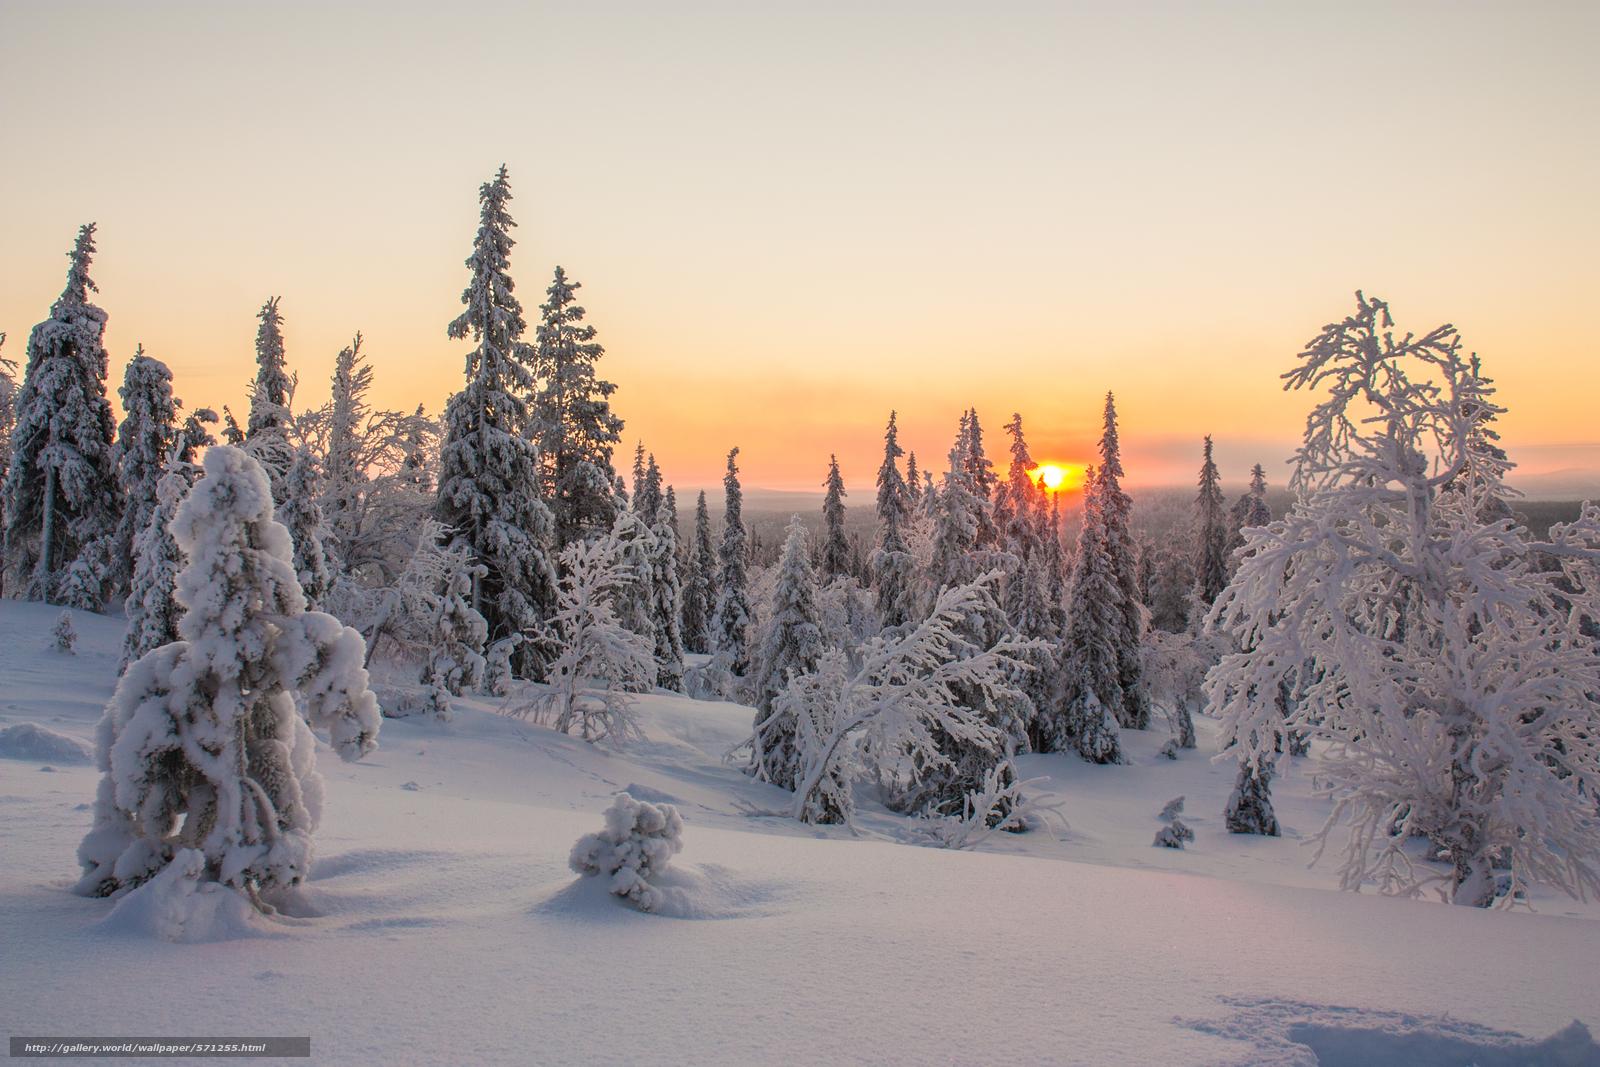 Tlcharger fond d 39 ecran laponie coucher du soleil hiver for Sfondi gratis desktop inverno